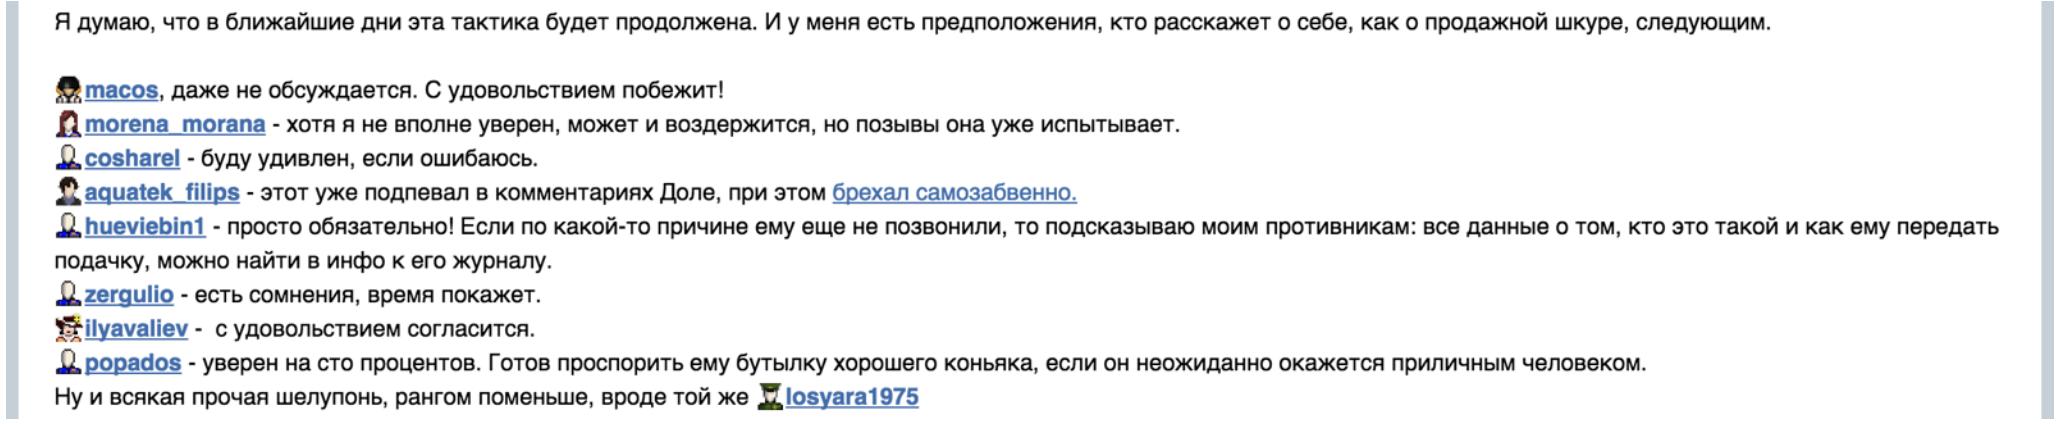 Сталик Ханкишиев